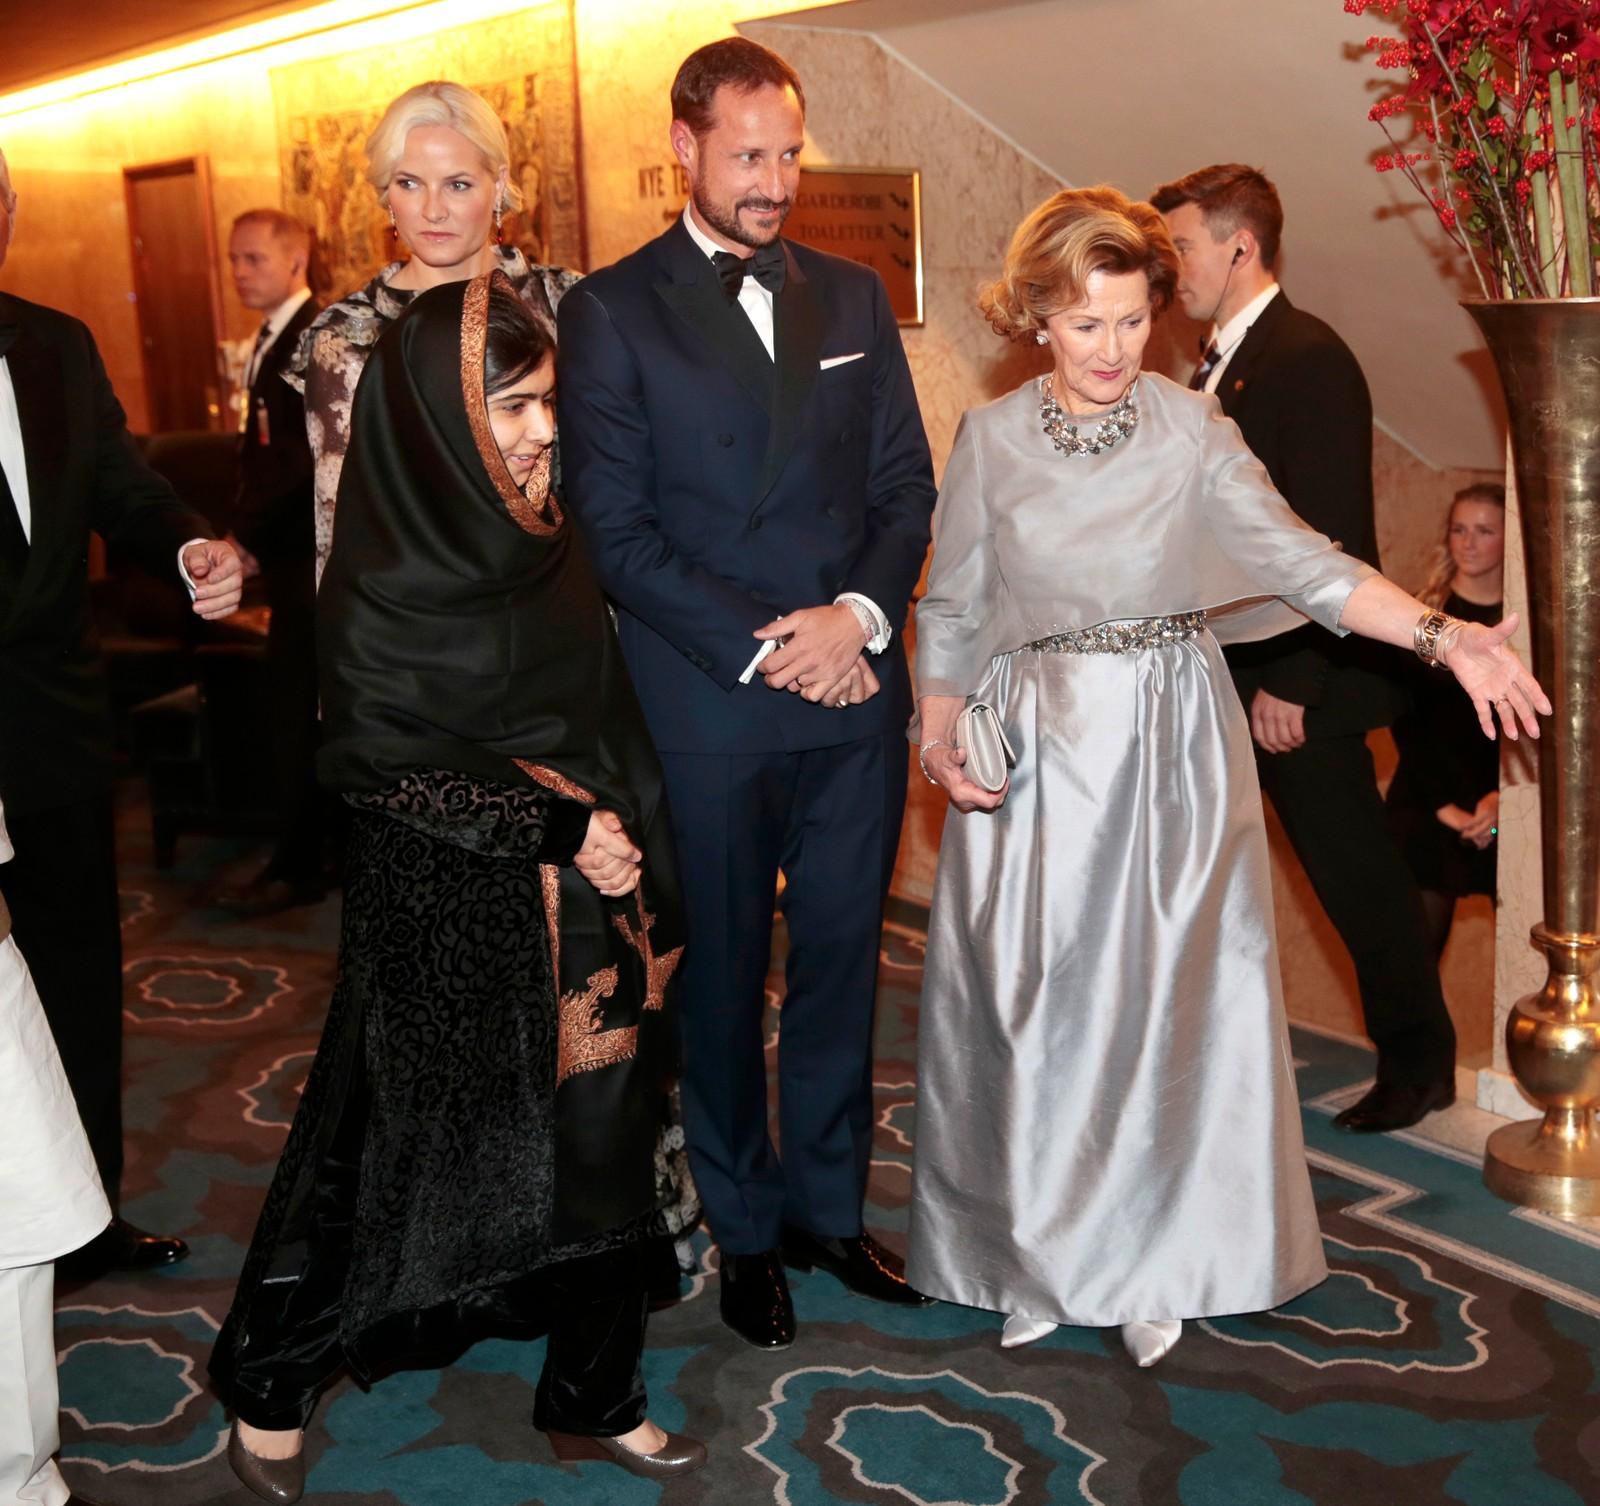 VISER VEI: Dronning Sonja og kronprinsparet på vei inn til banketten sammen med Malala.